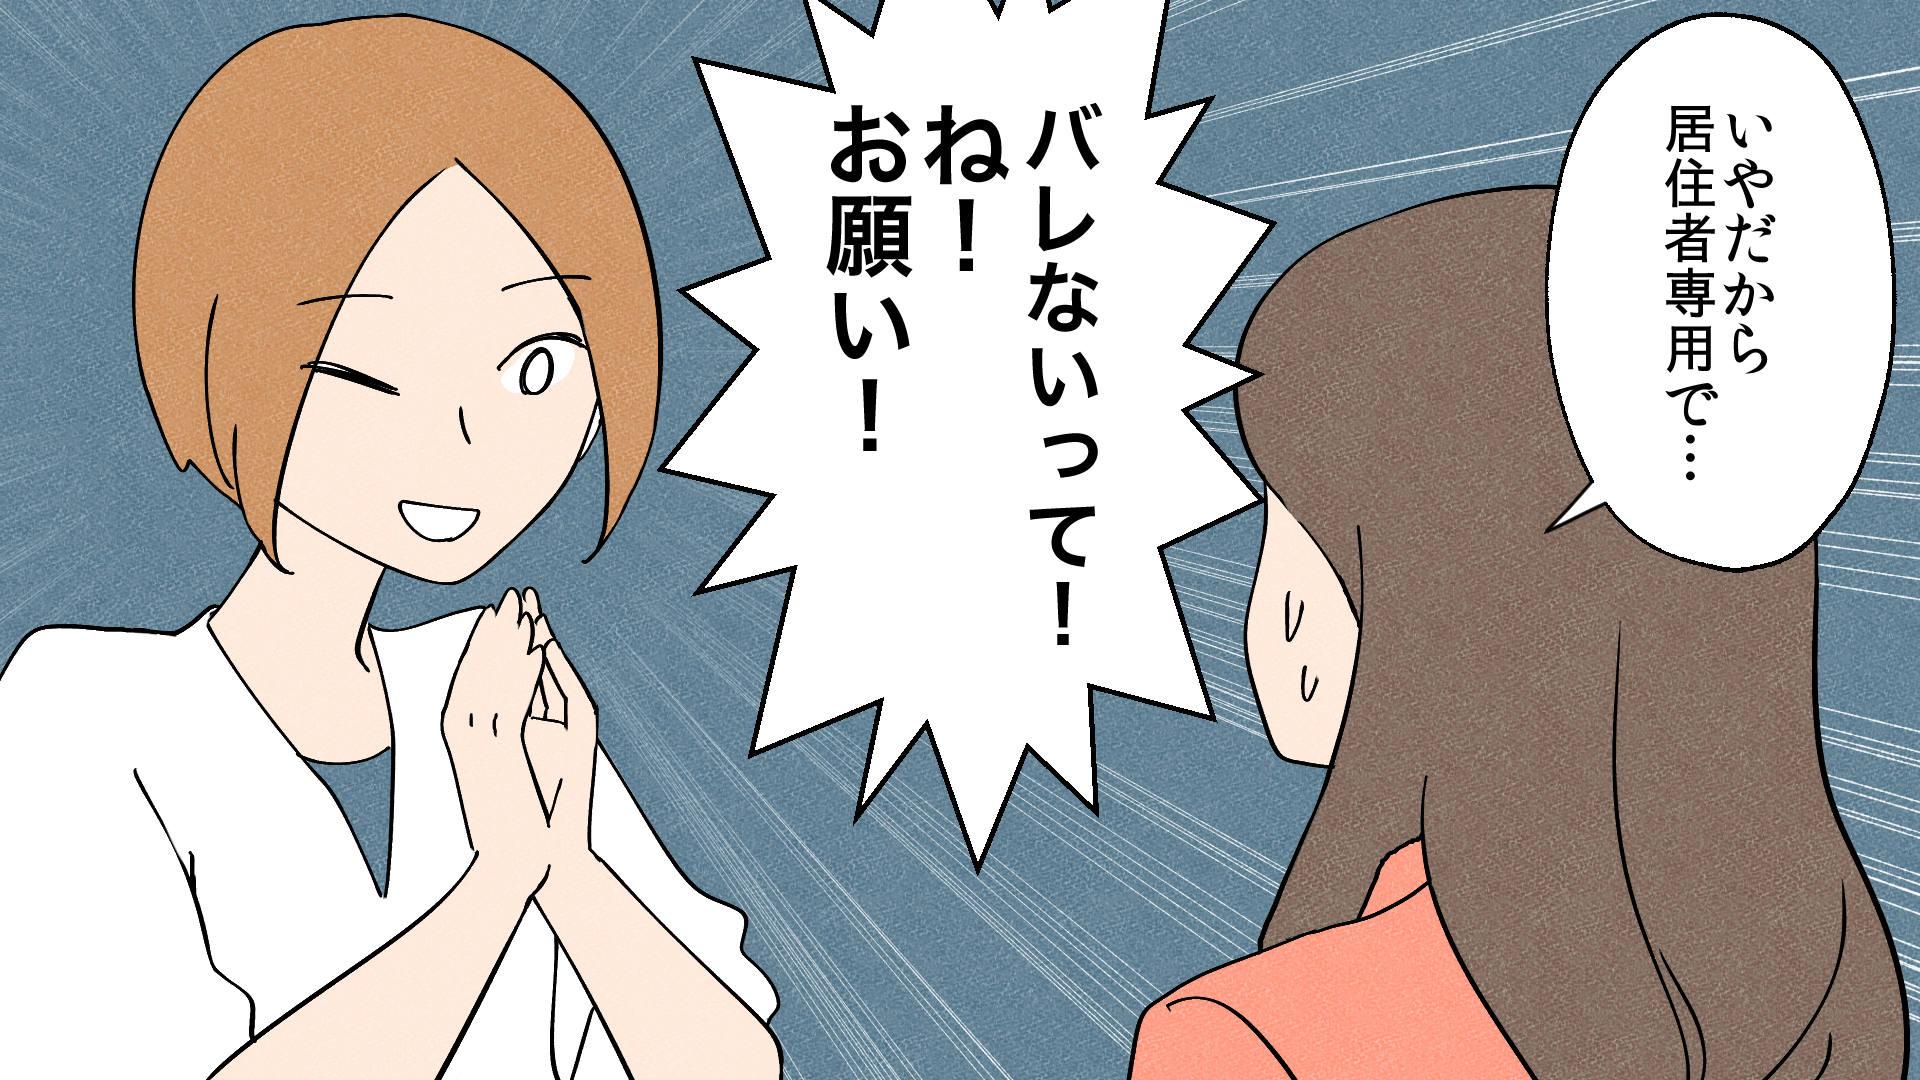 断っても要求を続けるおねだりママ…撃退に成功したその方法とは!?(2)